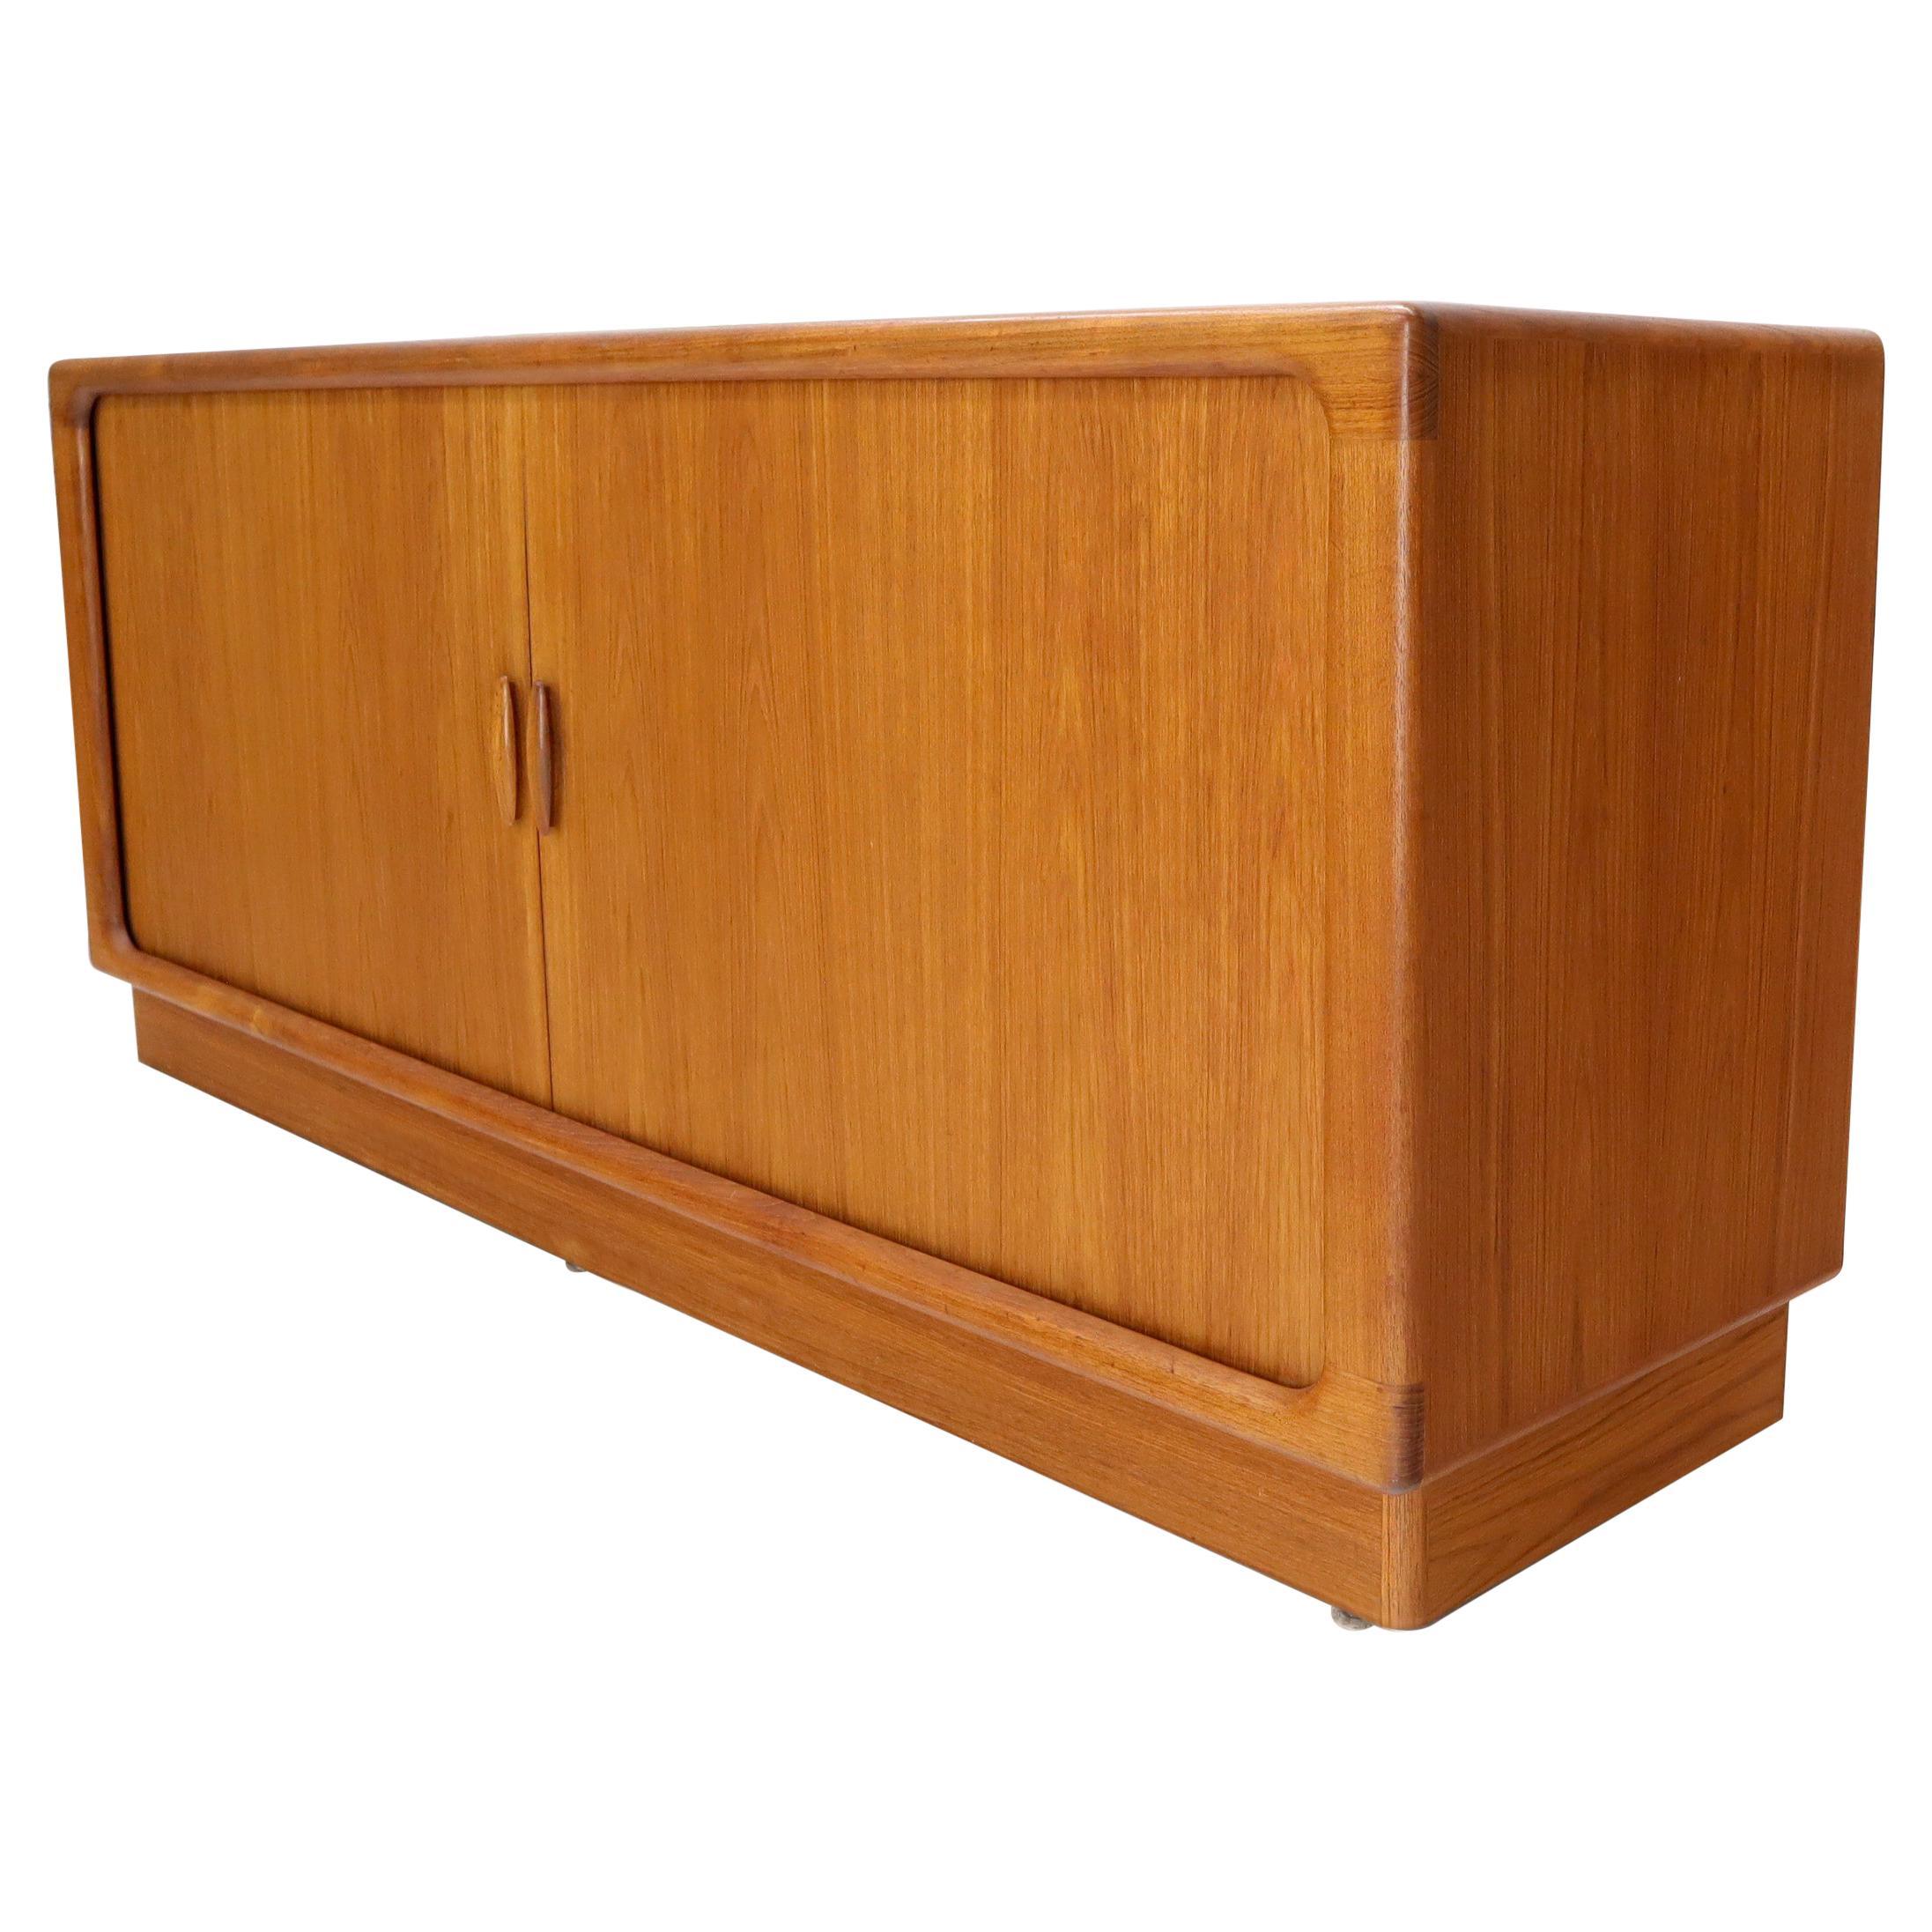 Danish Mid-Century Modern Teak Tambour Doors Long Dresser Credenza by Dyrlund